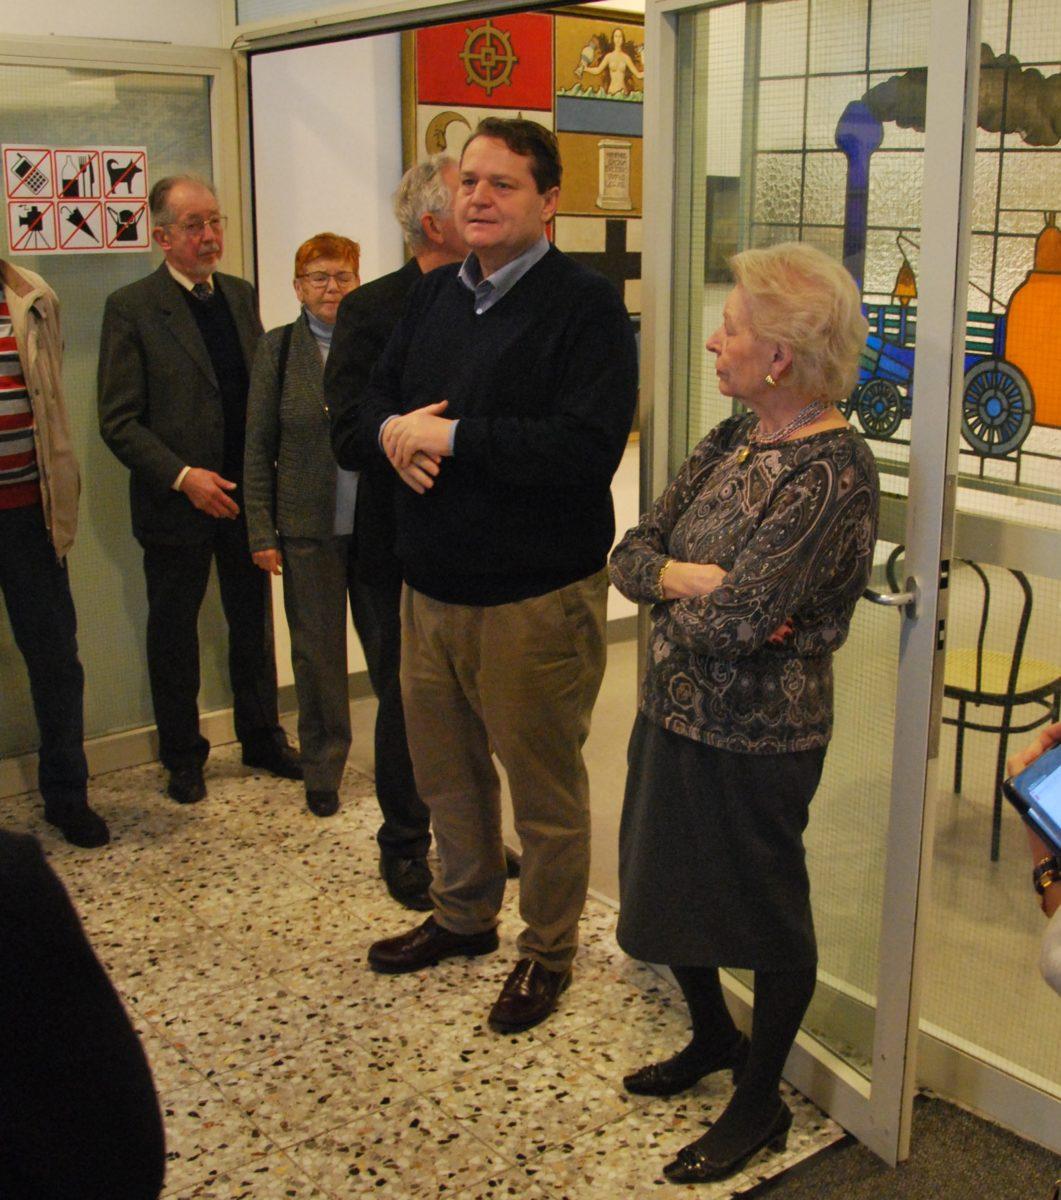 Mag. Paul Rachler begrüßt im Namen des Vereins die Leiterin des Bezirksmuseums Meidling, Prof.in Dr.in Vladimira Bousska, und die anwesenden Vereinsmitglieder.